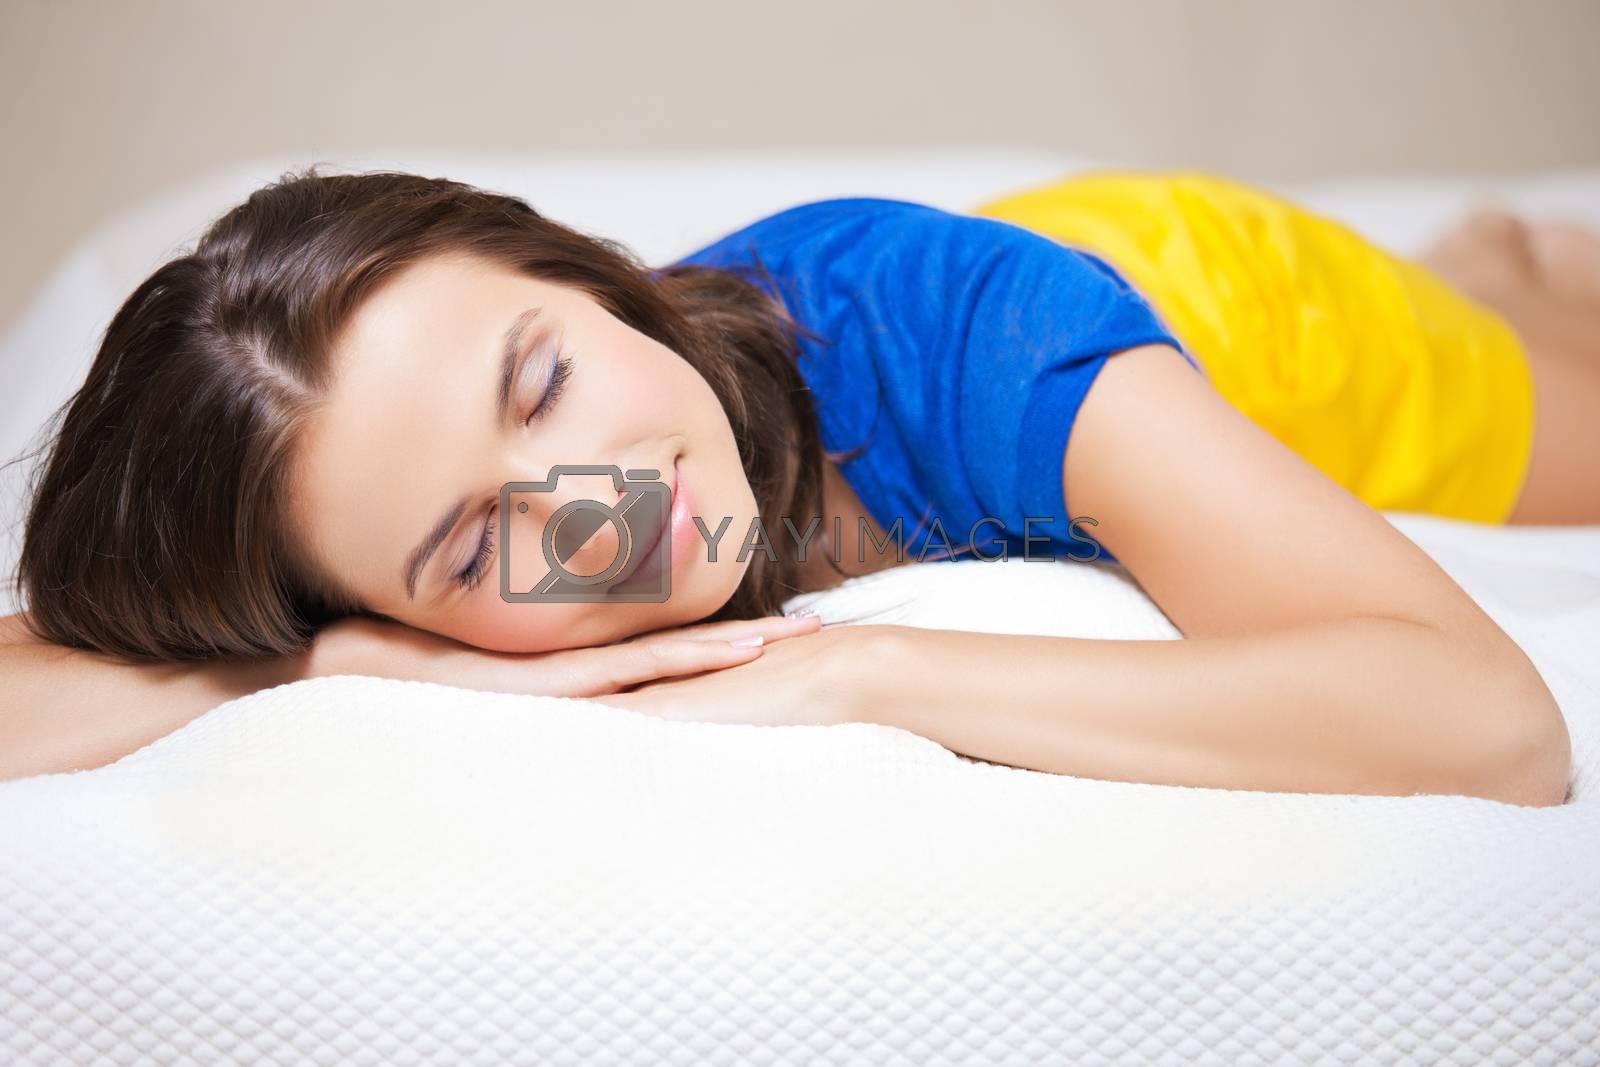 sleeping woman by dolgachov